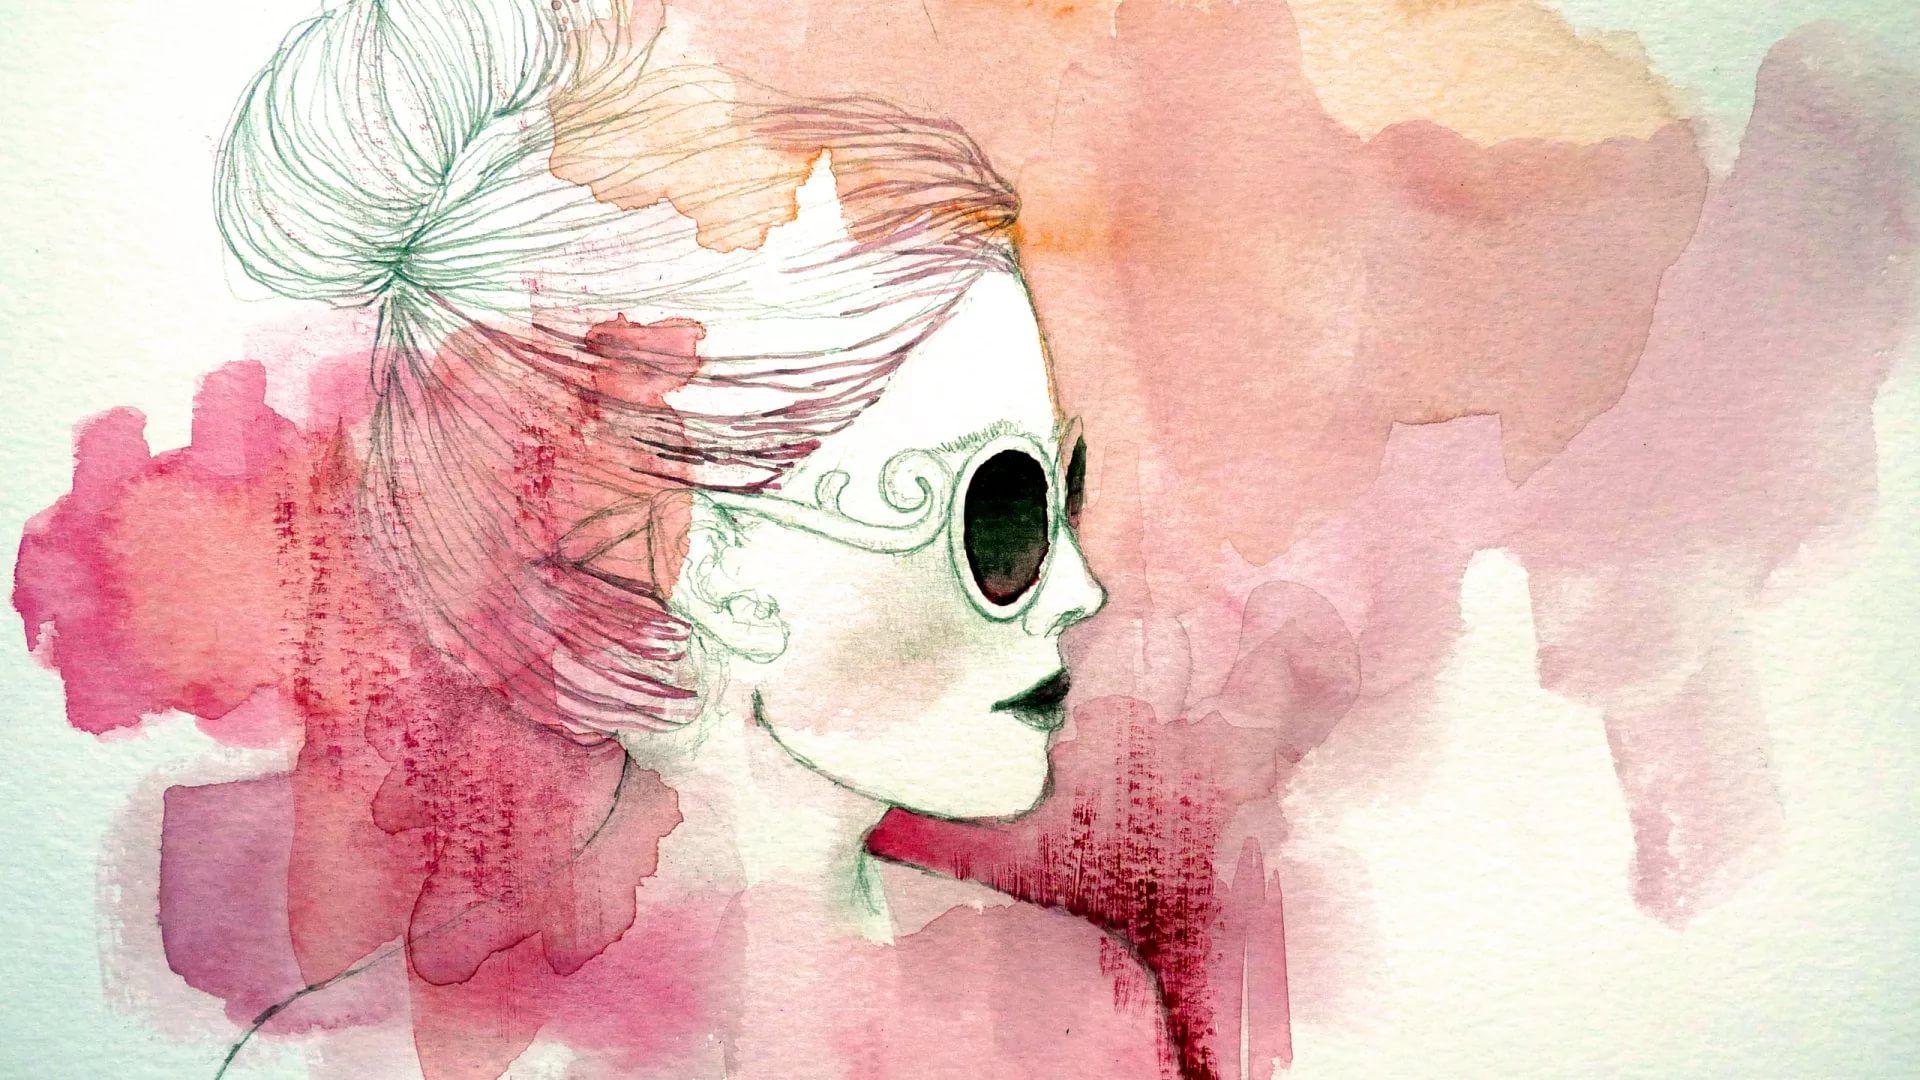 Swag Tumblr Drawings hd desktop wallpaper